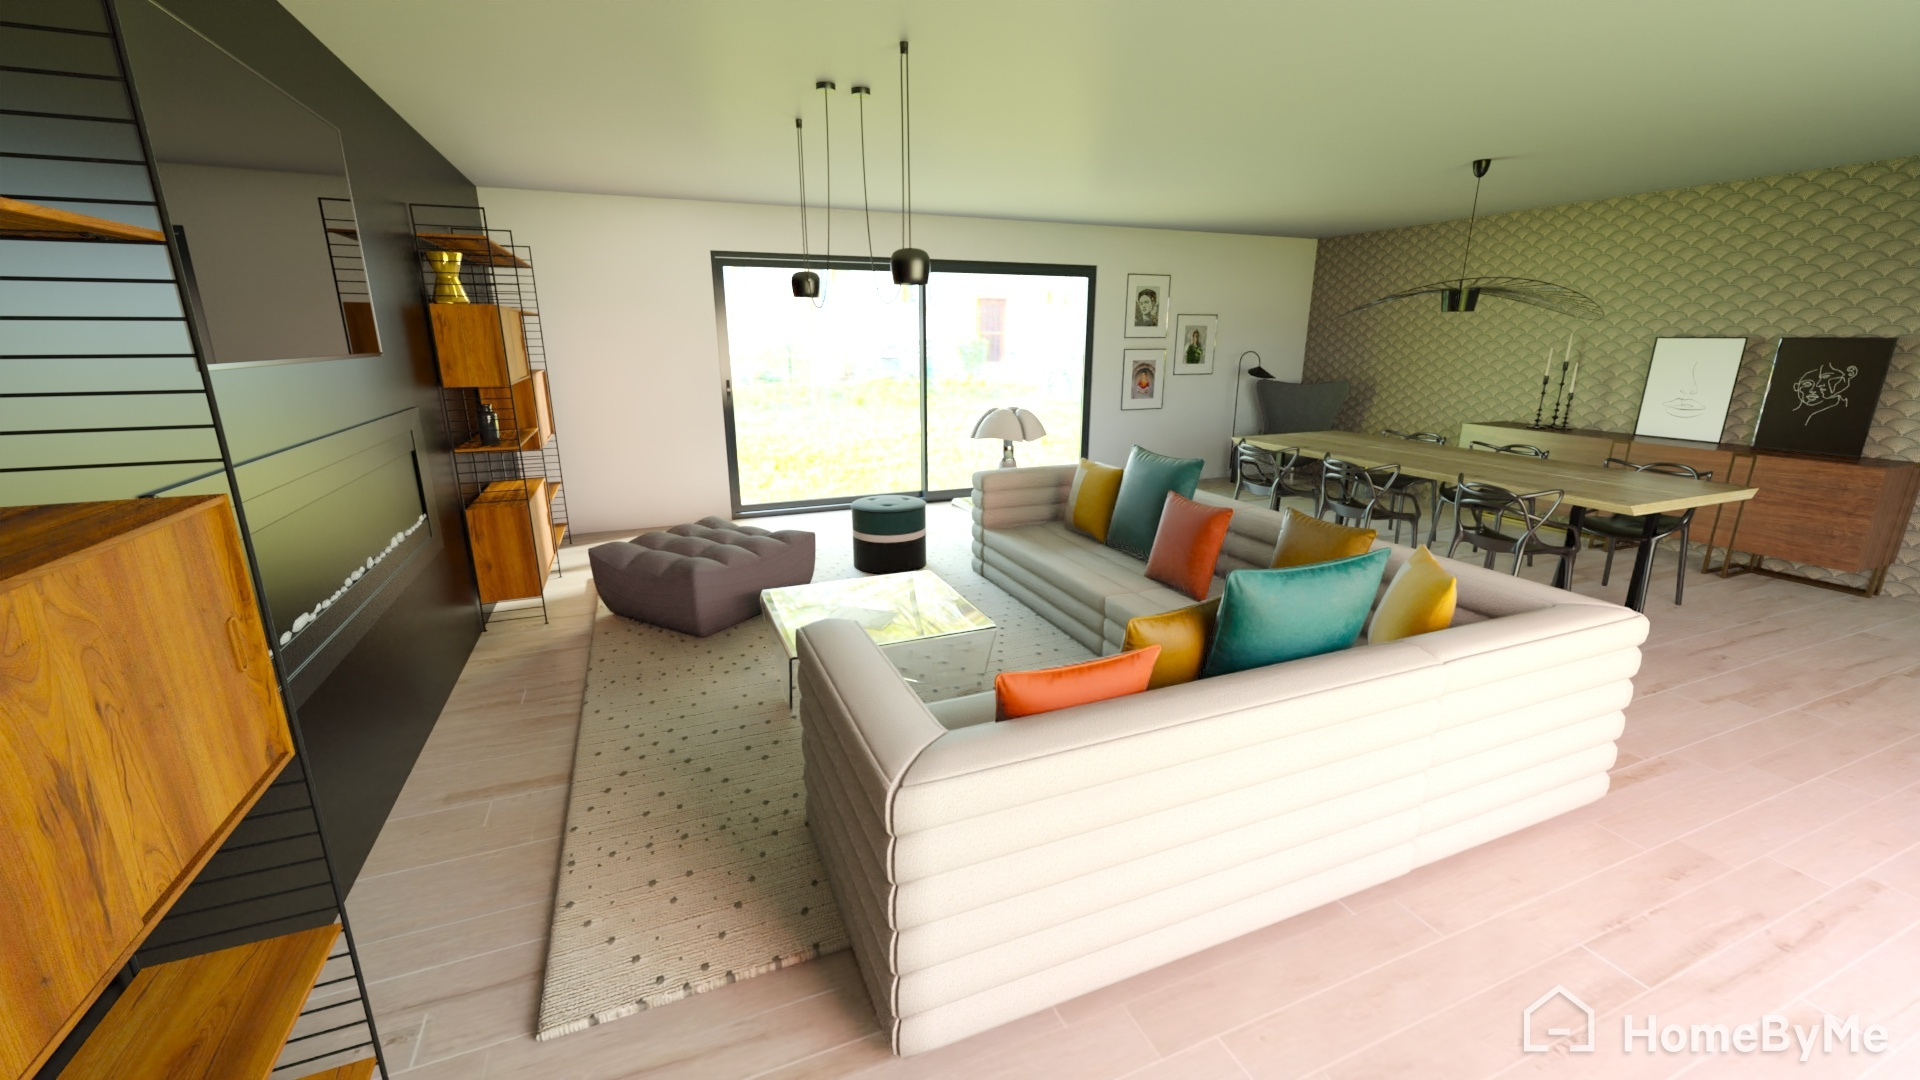 Vue 3D réaliste d'un séjour salle à manger salon